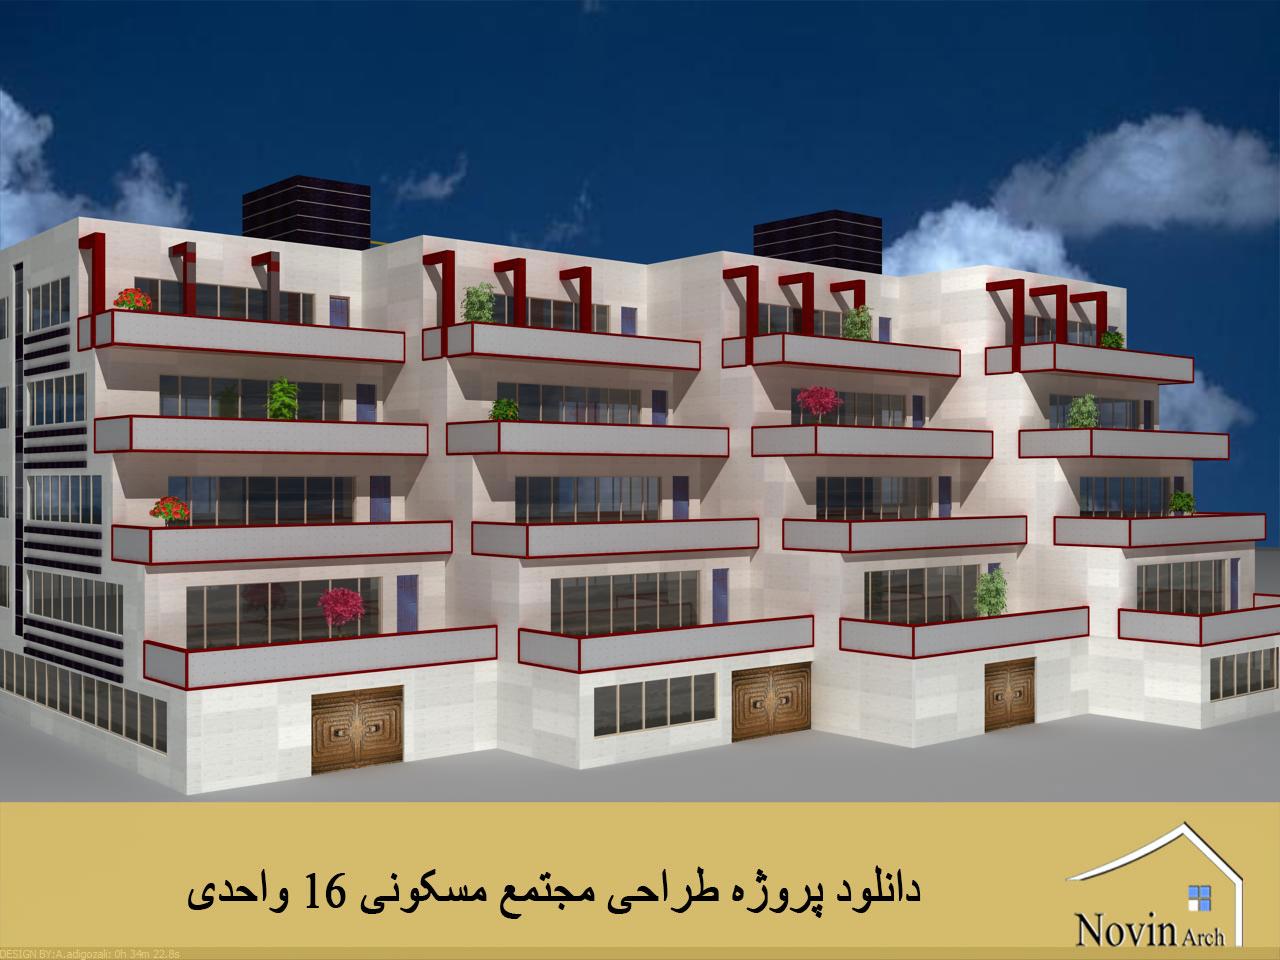 دانلود پروژه طراحی مجتمع مسکونی 16 واحدی